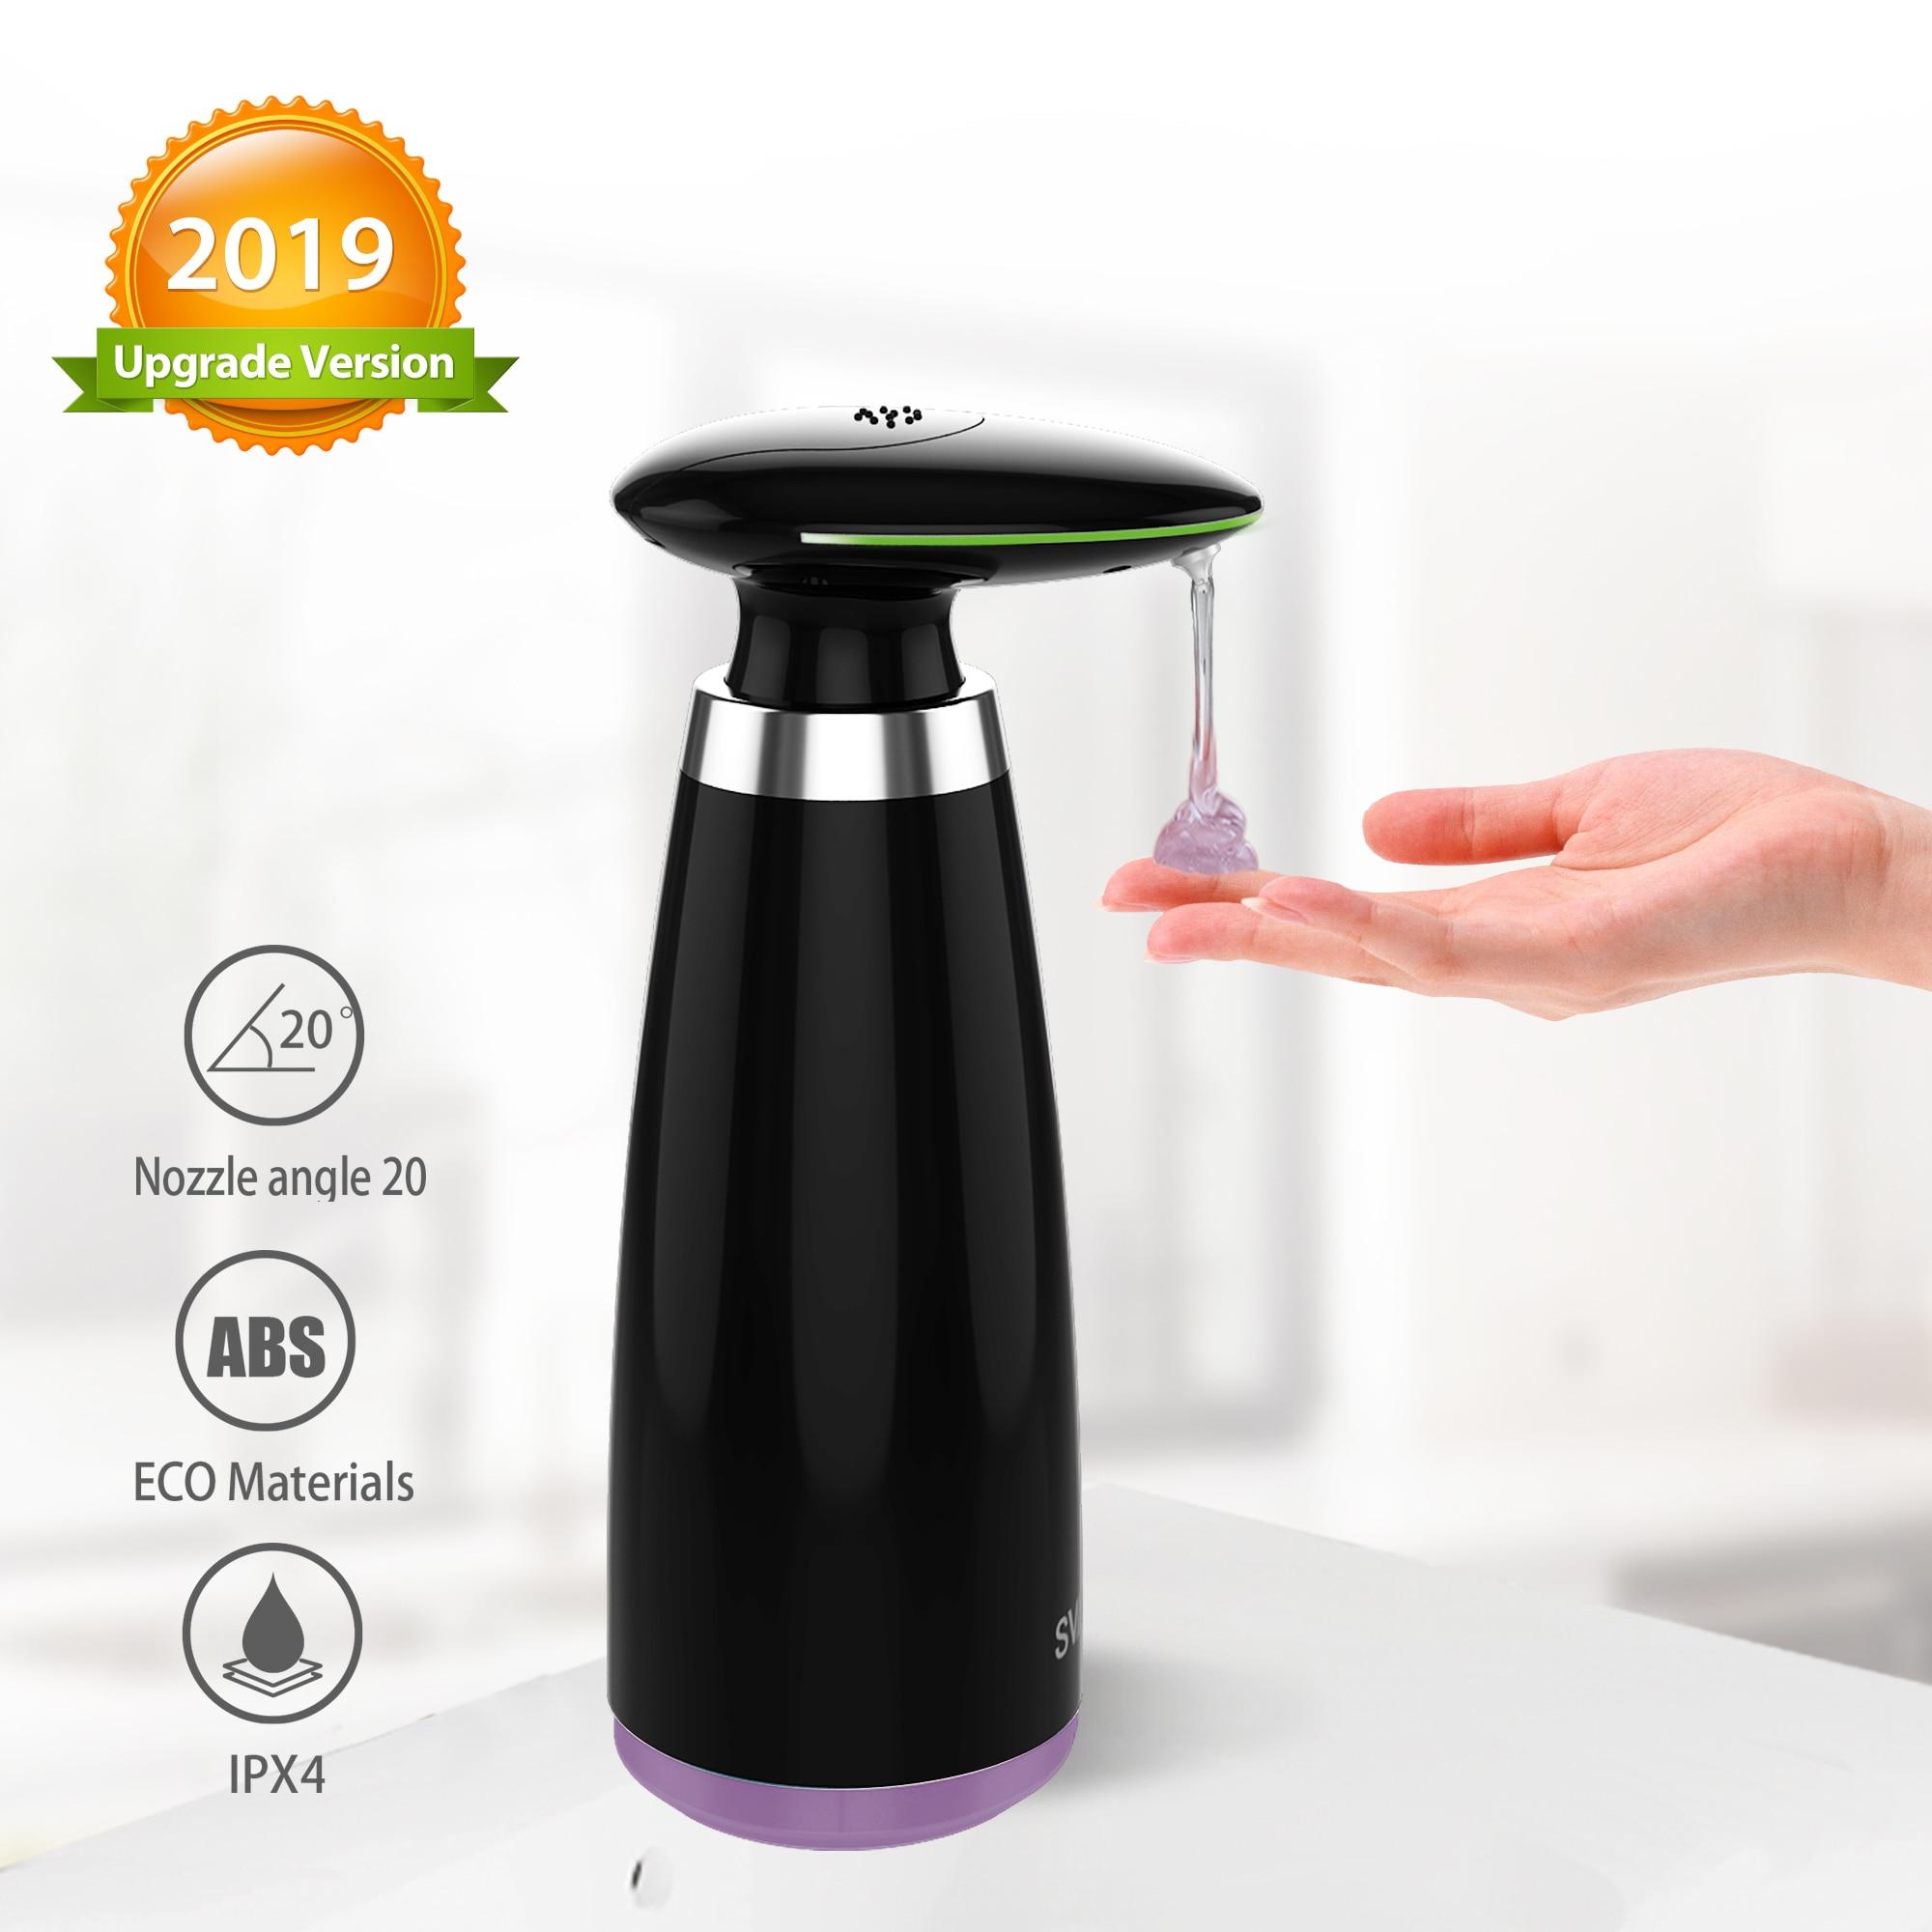 SVAVO 350ml Automatic Soap Dispenser Infrared Touchless Motion Bathroom Dispenser Smart Sensor Liquid Soap Dispenser for Kitchen 1